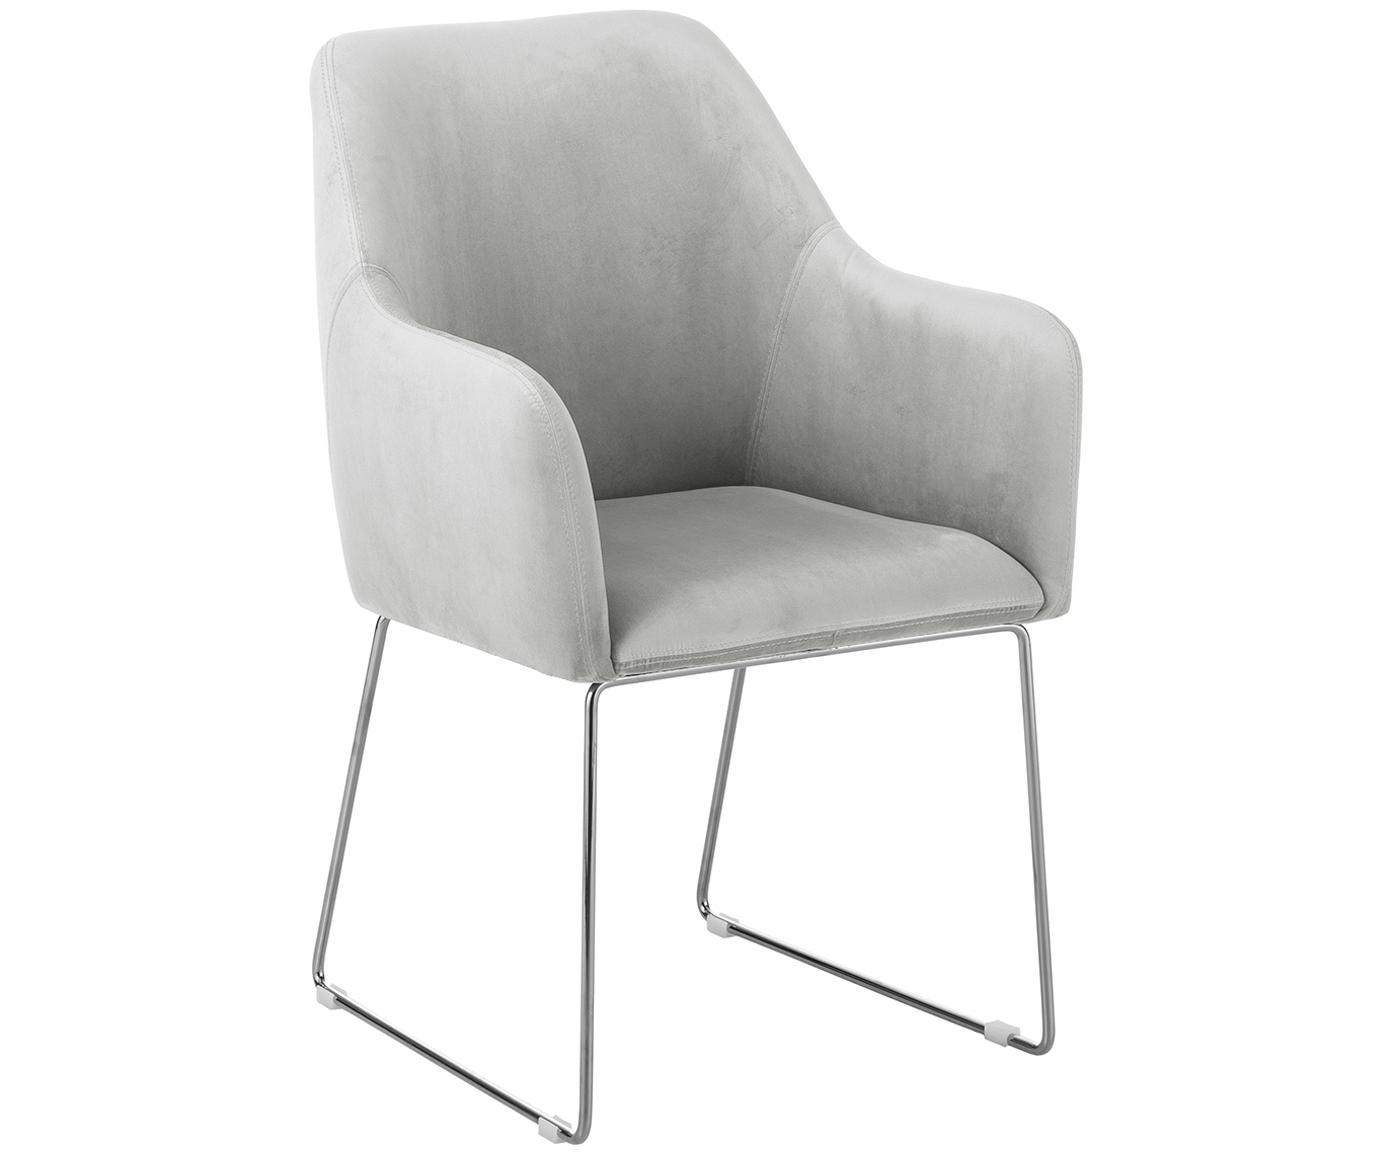 Sedia in velluto con braccioli Isla, Rivestimento: velluto (poliestere) 50.0, Gambe: metallo rivestito, Velluto grigio chiaro, gambe argento, Larg. 58 x Prof. 62 cm